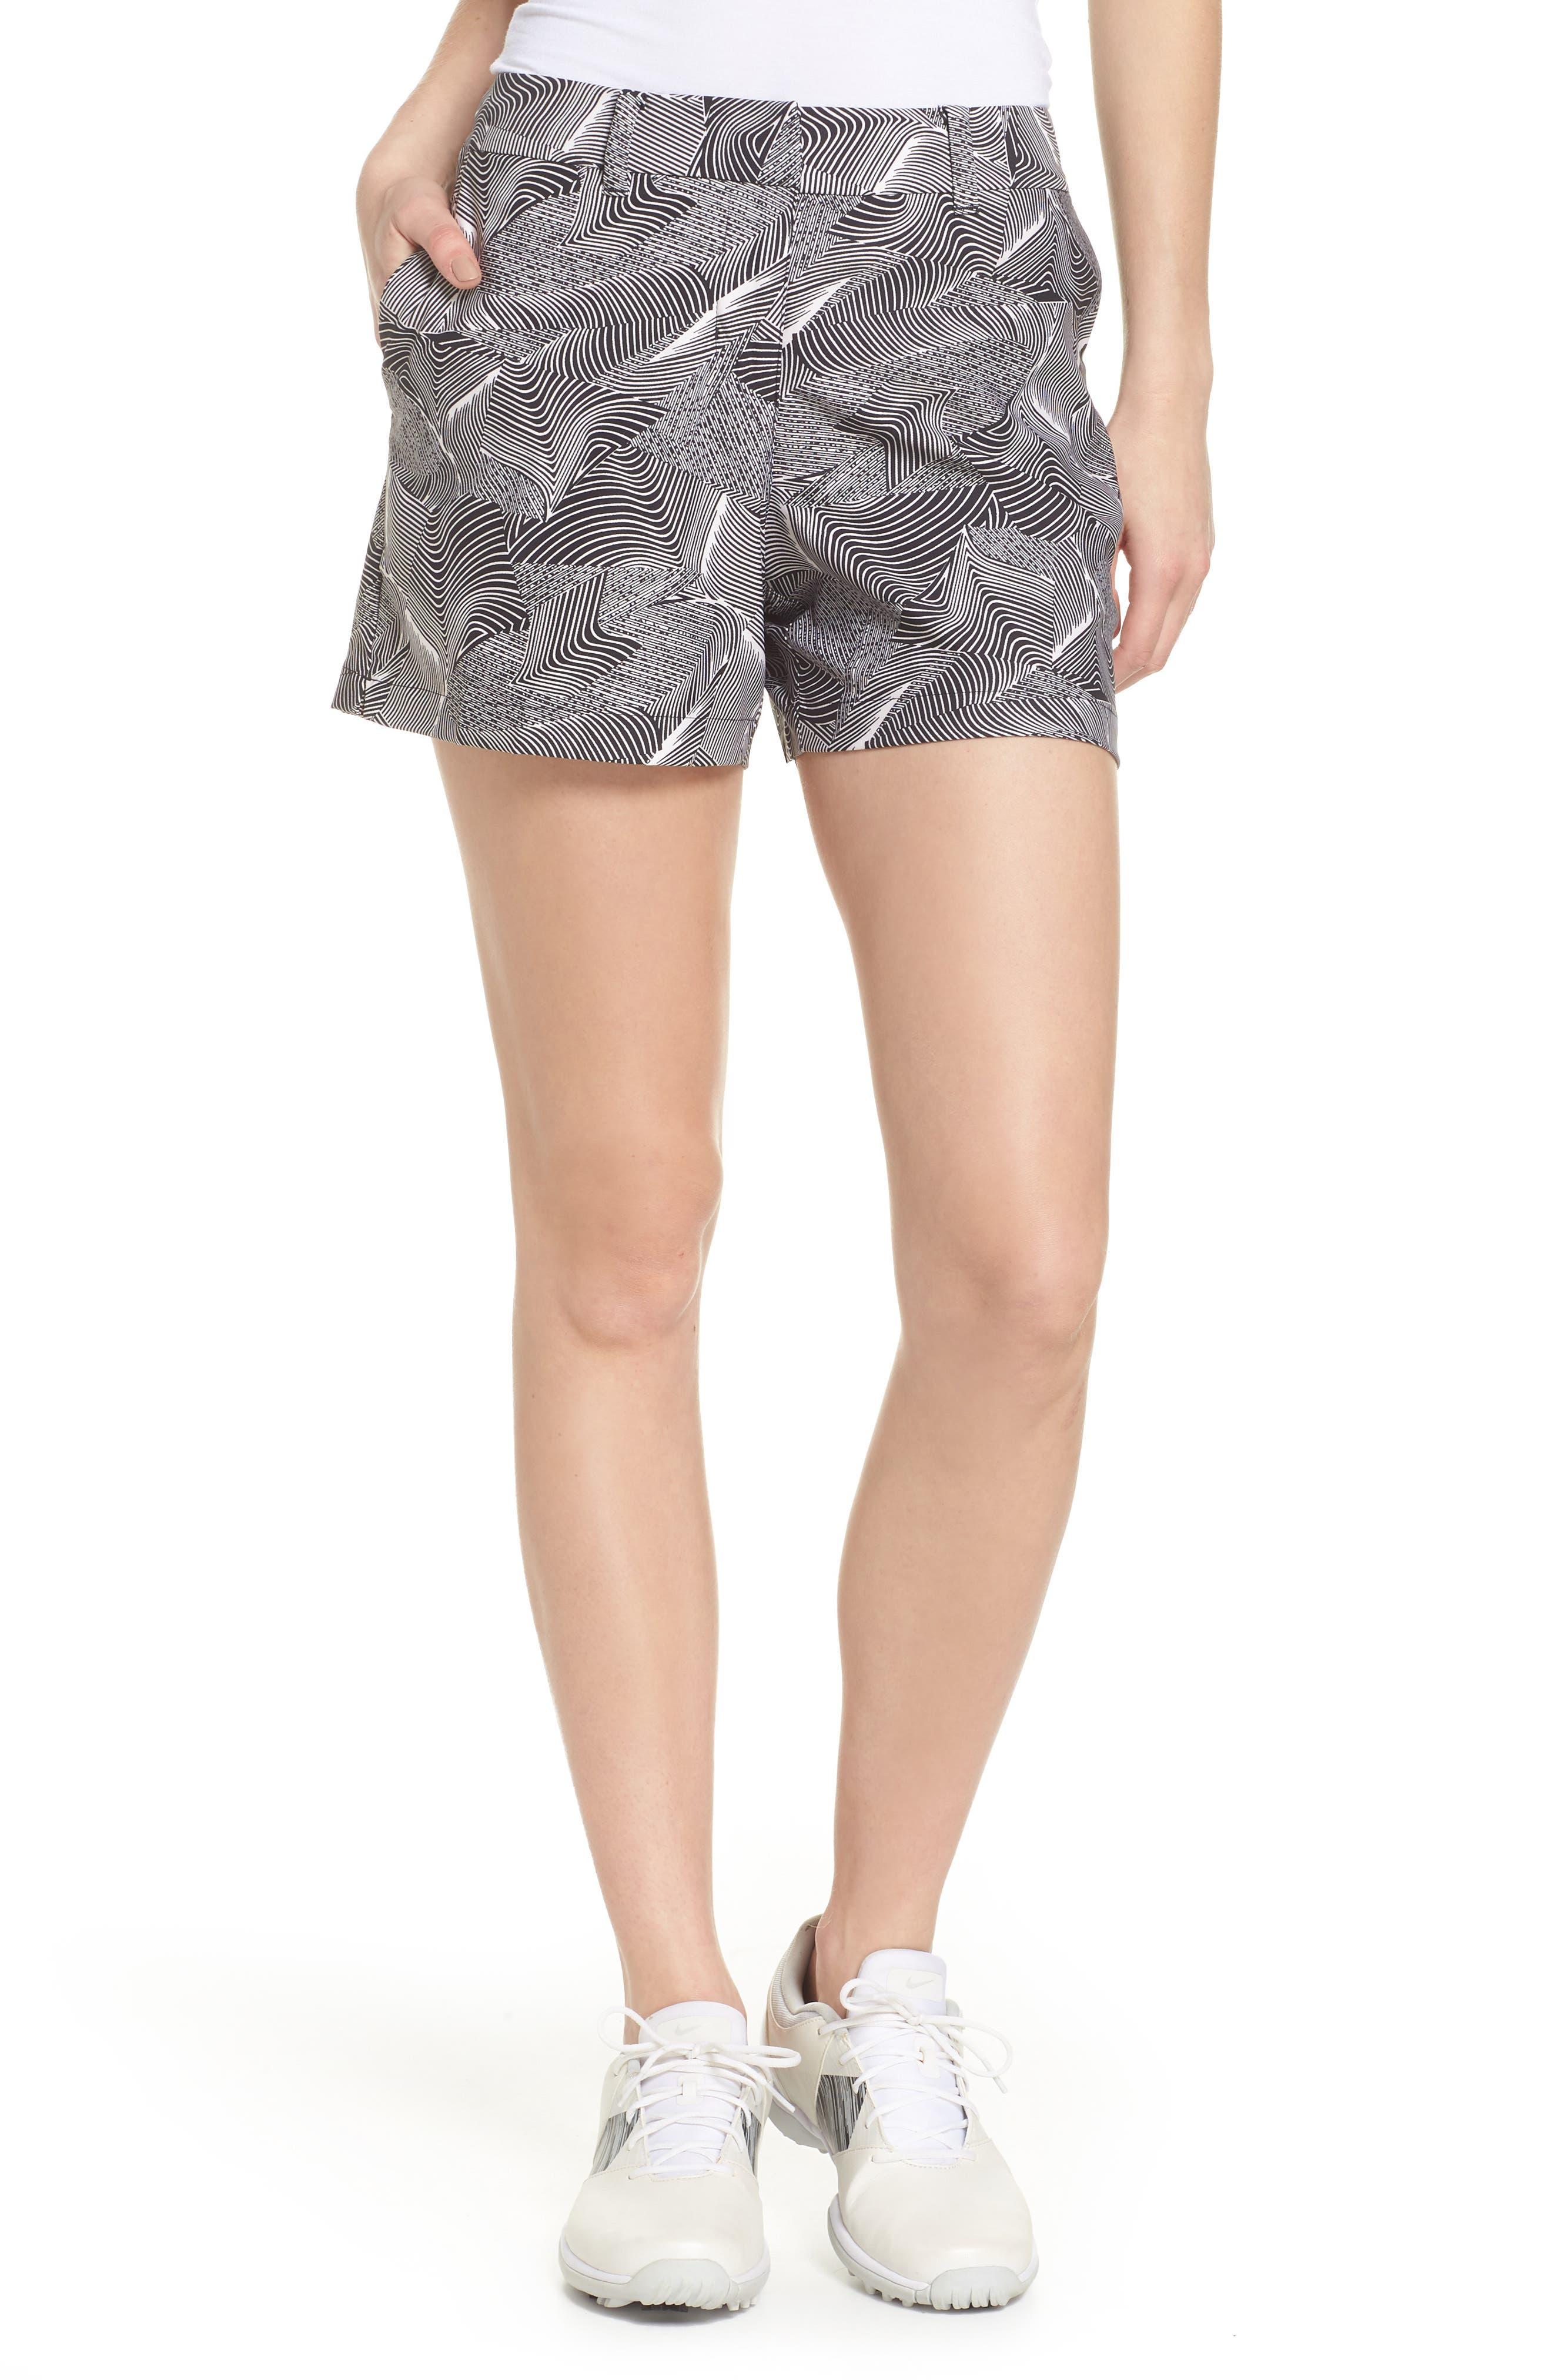 Flex Golf Shorts,                         Main,                         color, White/ Black/ White